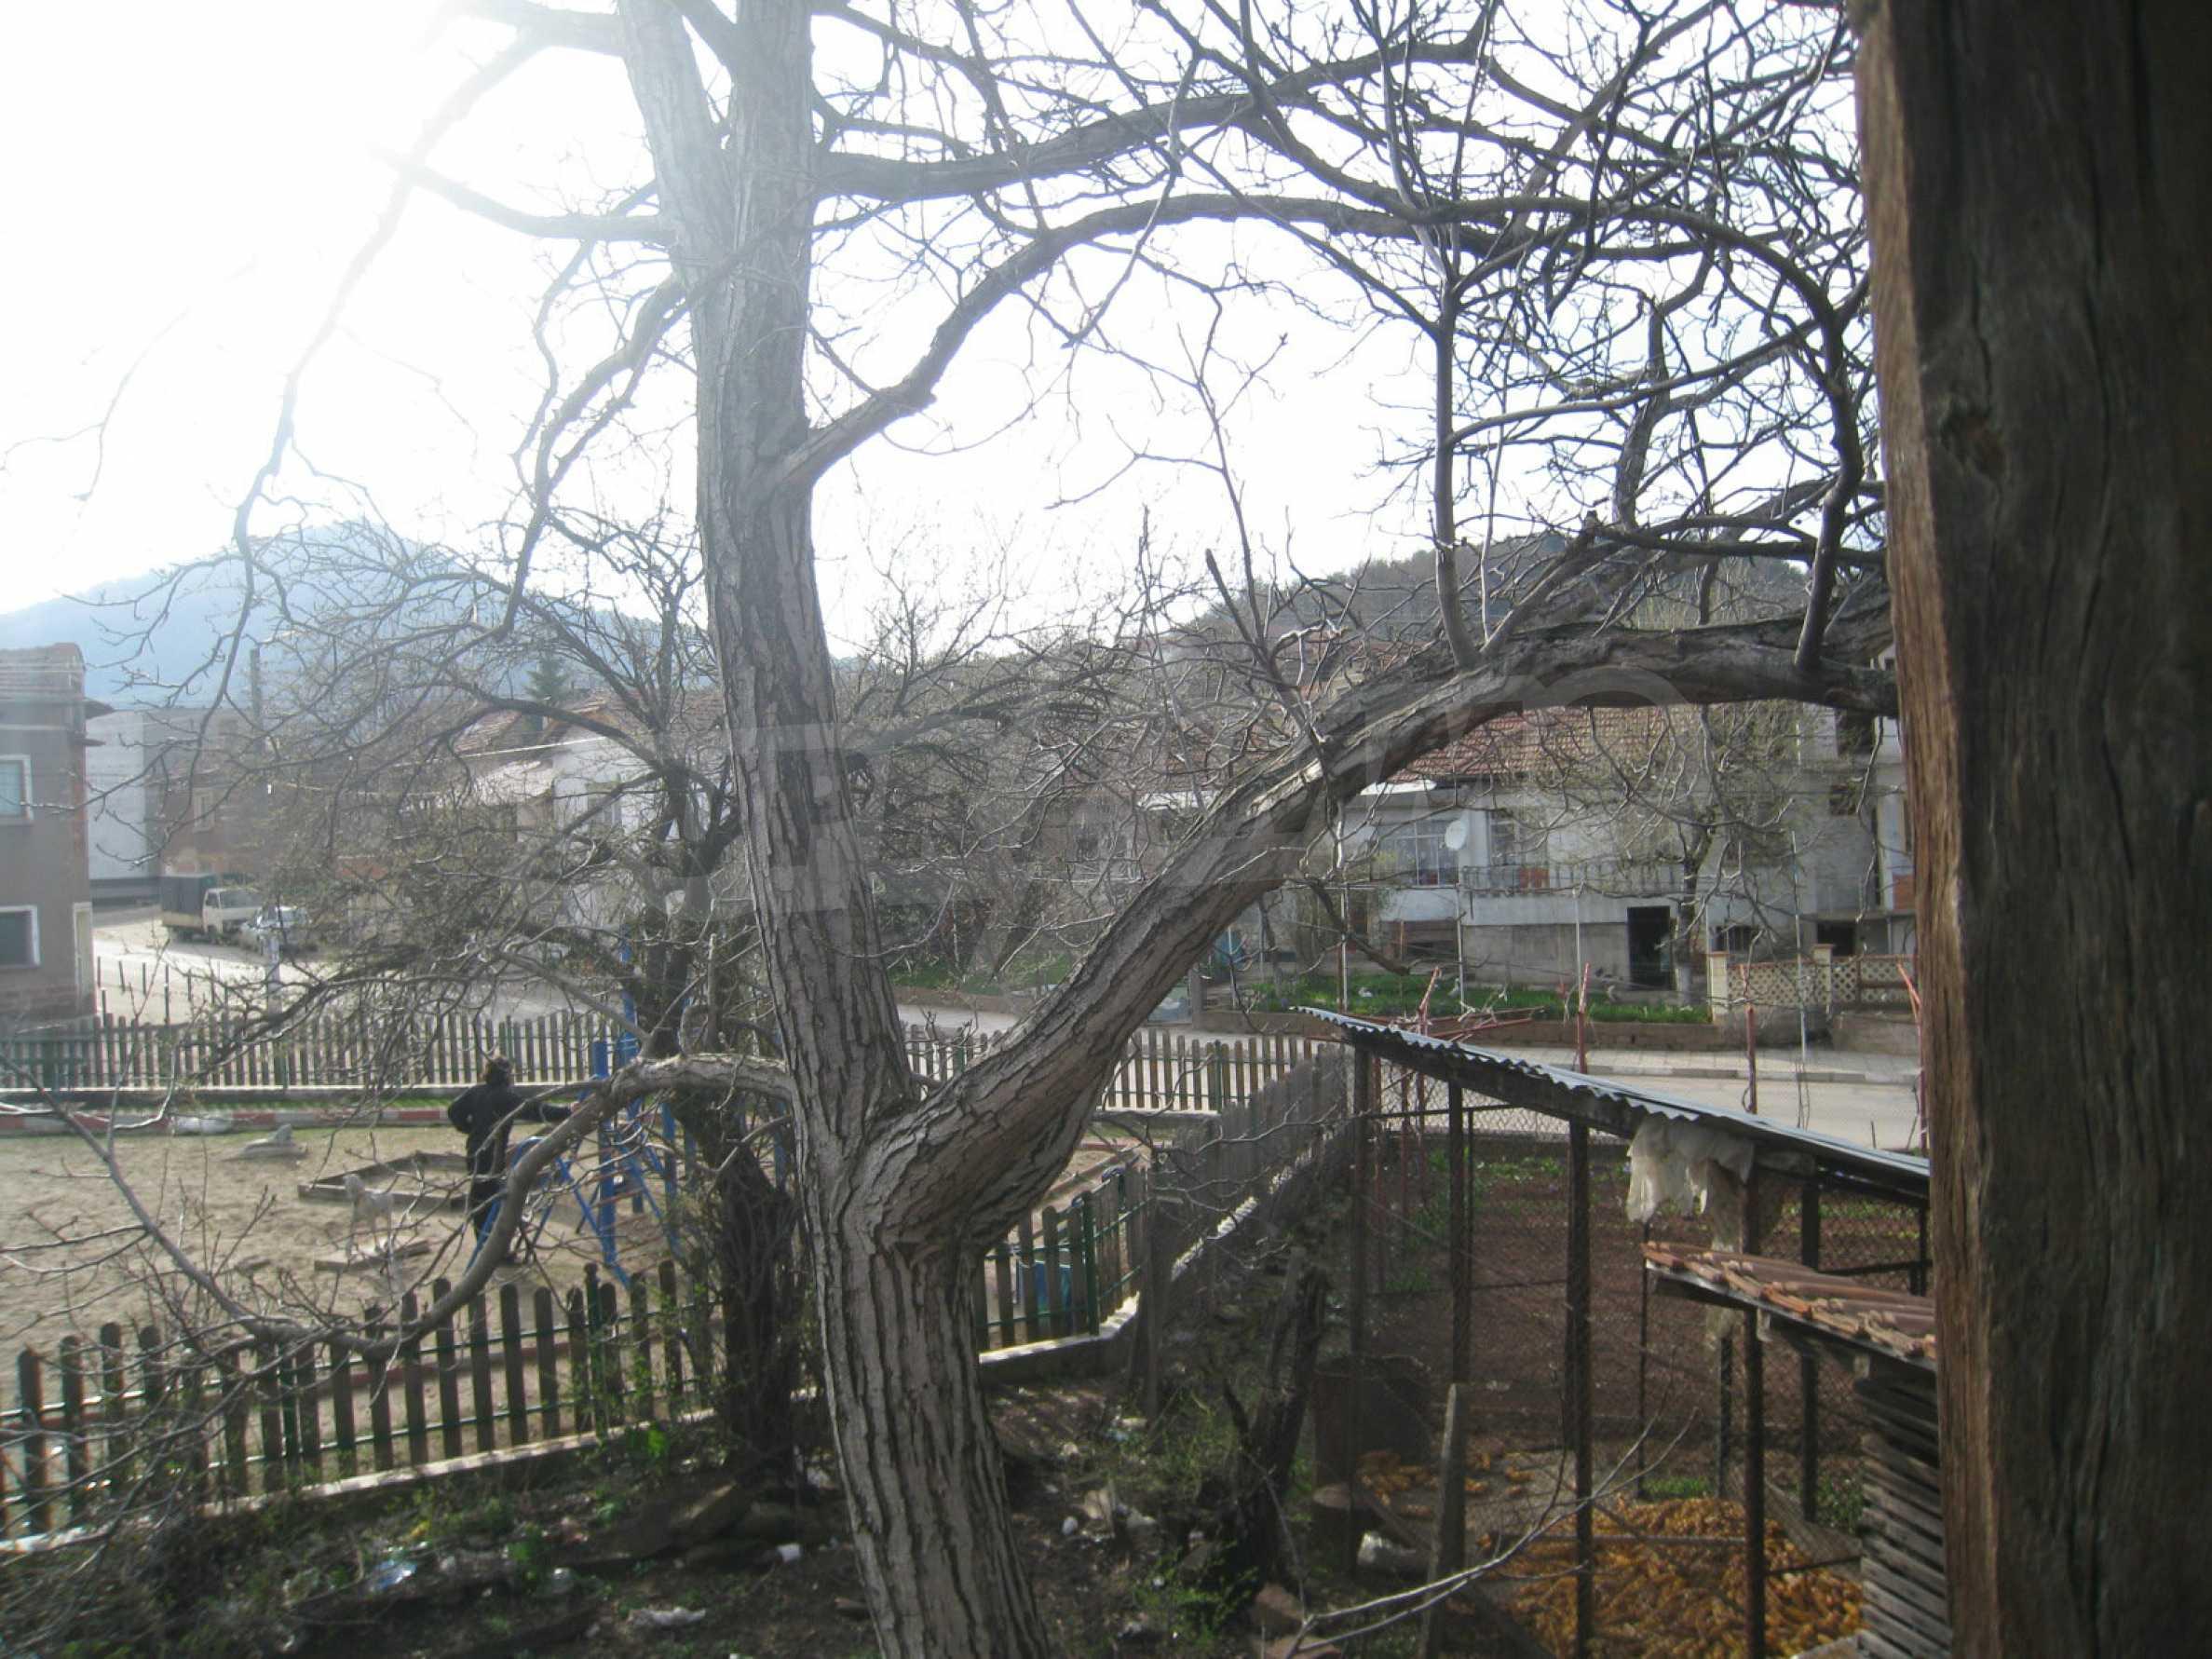 Ein Haus mit einem Garten im Zentrum eines entwickelten Dorfes in der Nähe von Montana 23